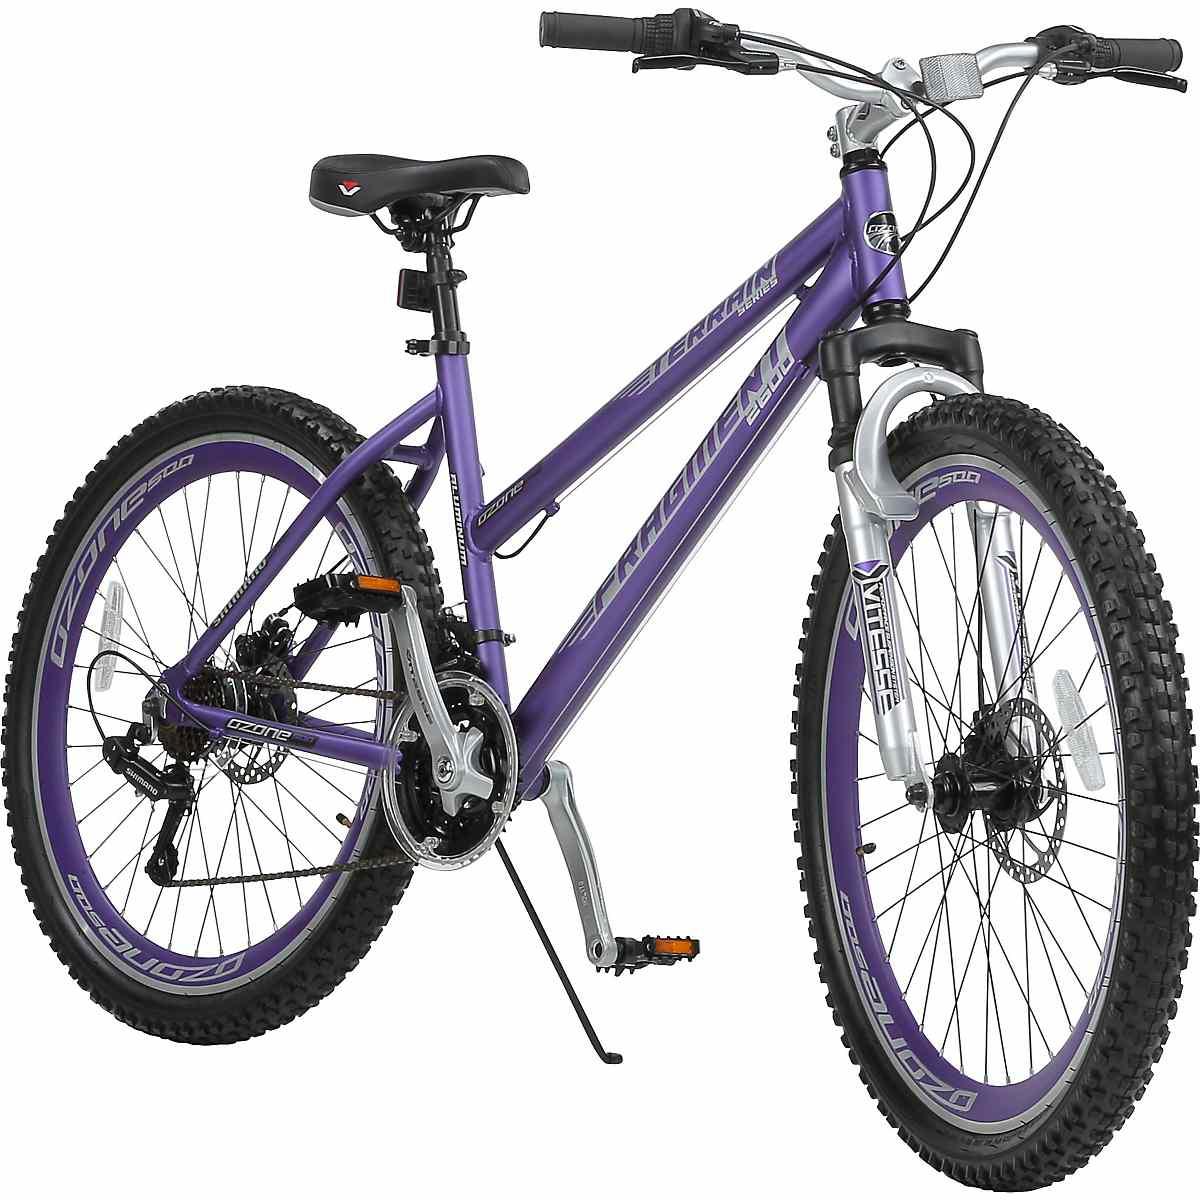 academy mongoose bike off 58 www